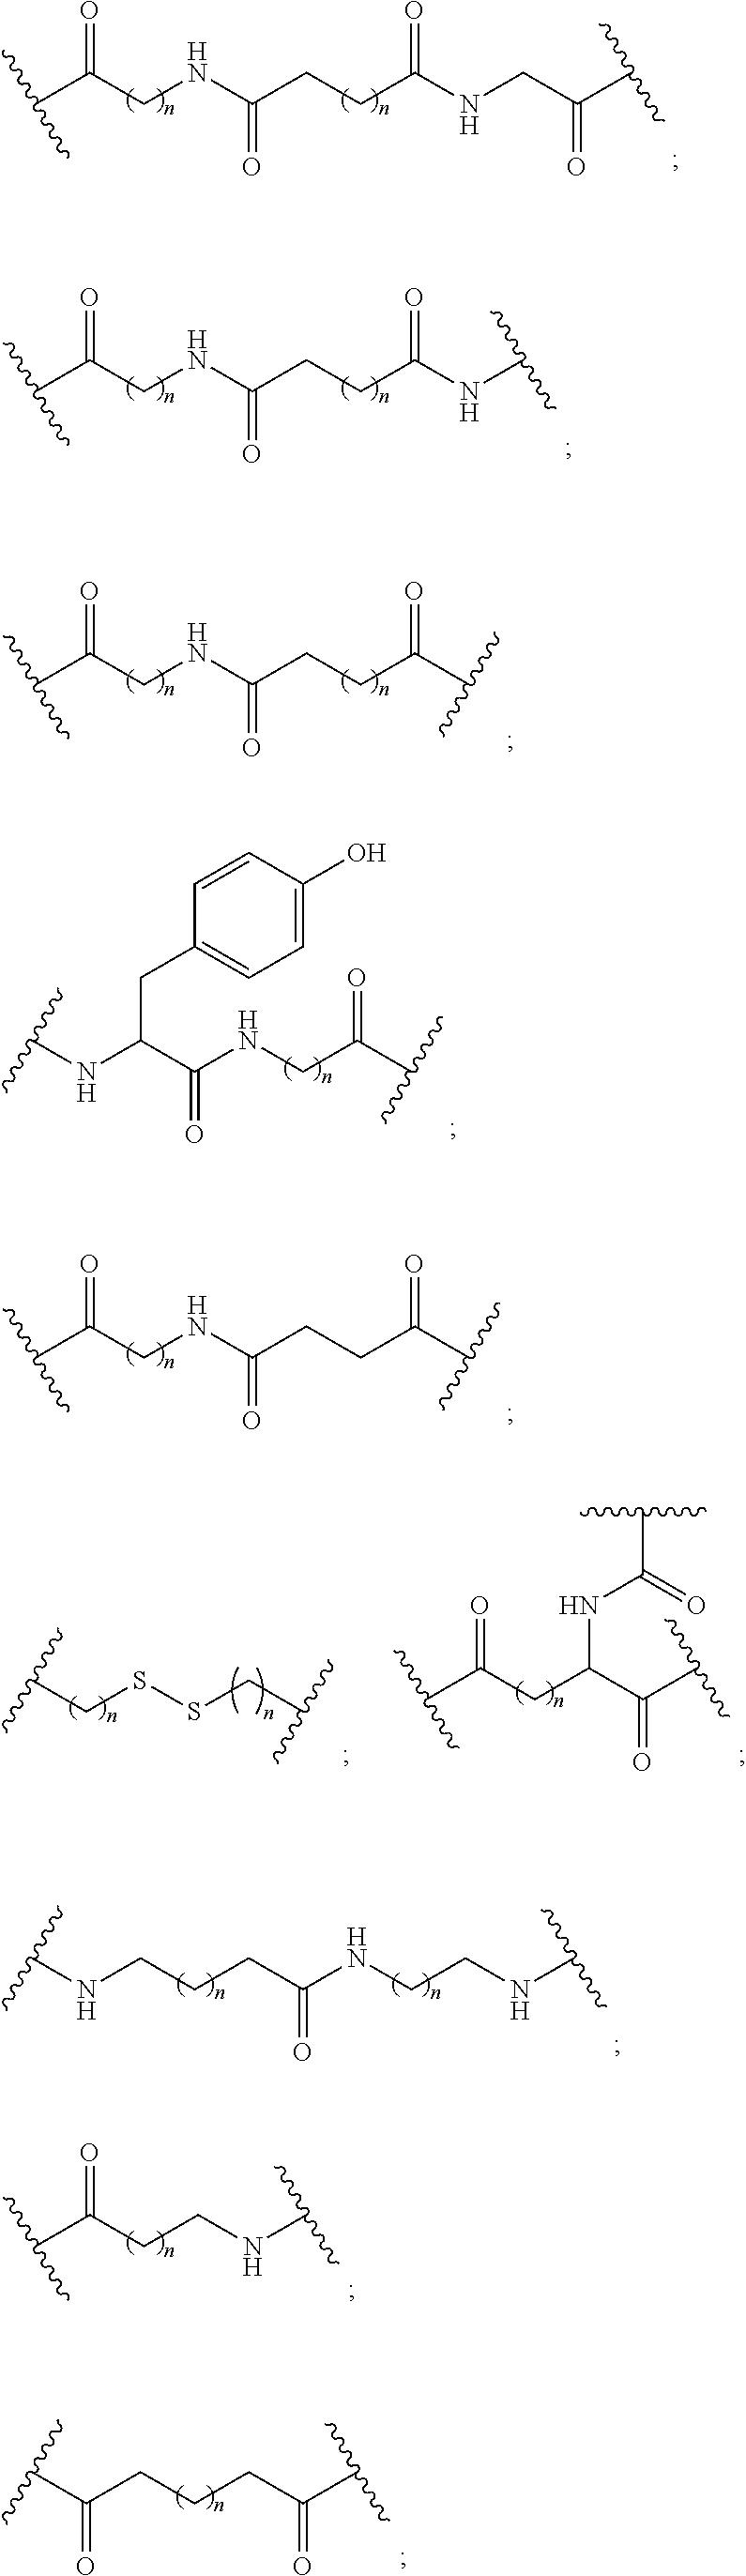 Figure US09932581-20180403-C00145